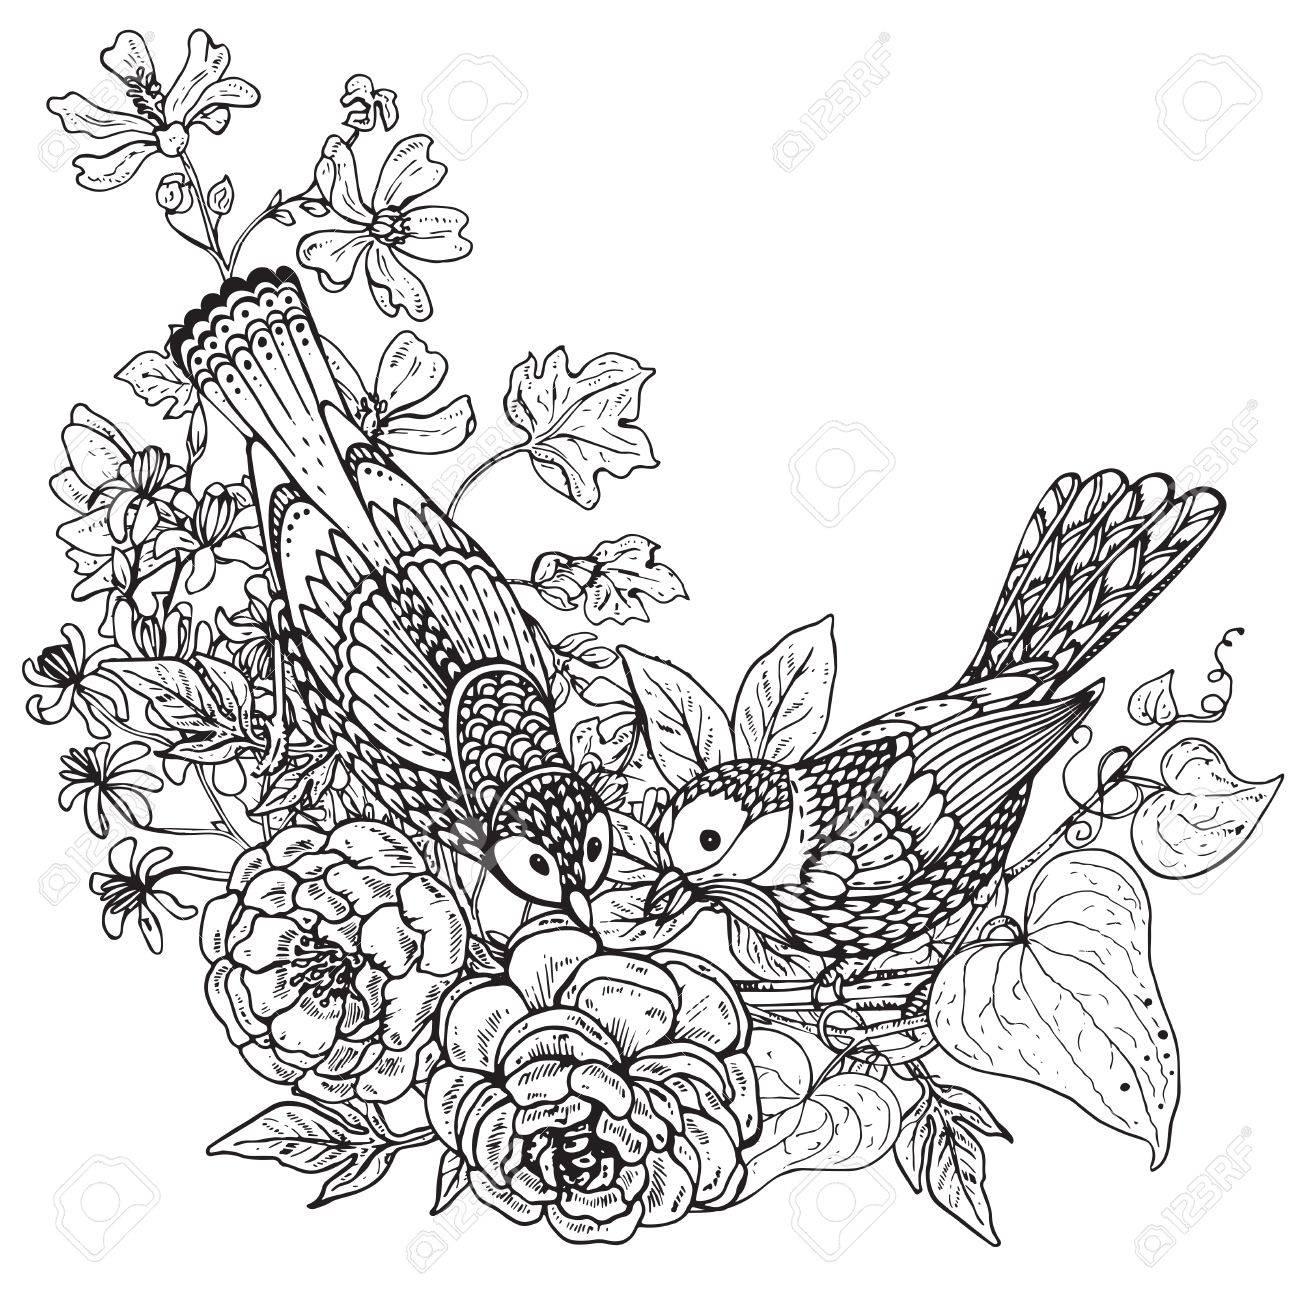 Vector Illustration De Deux Oiseaux Graphiques Dessinés à La Main Et De Pivoine Fleurs Bouquet Et Dautres Plantes Image En Noir Et Blanc Pour Pour